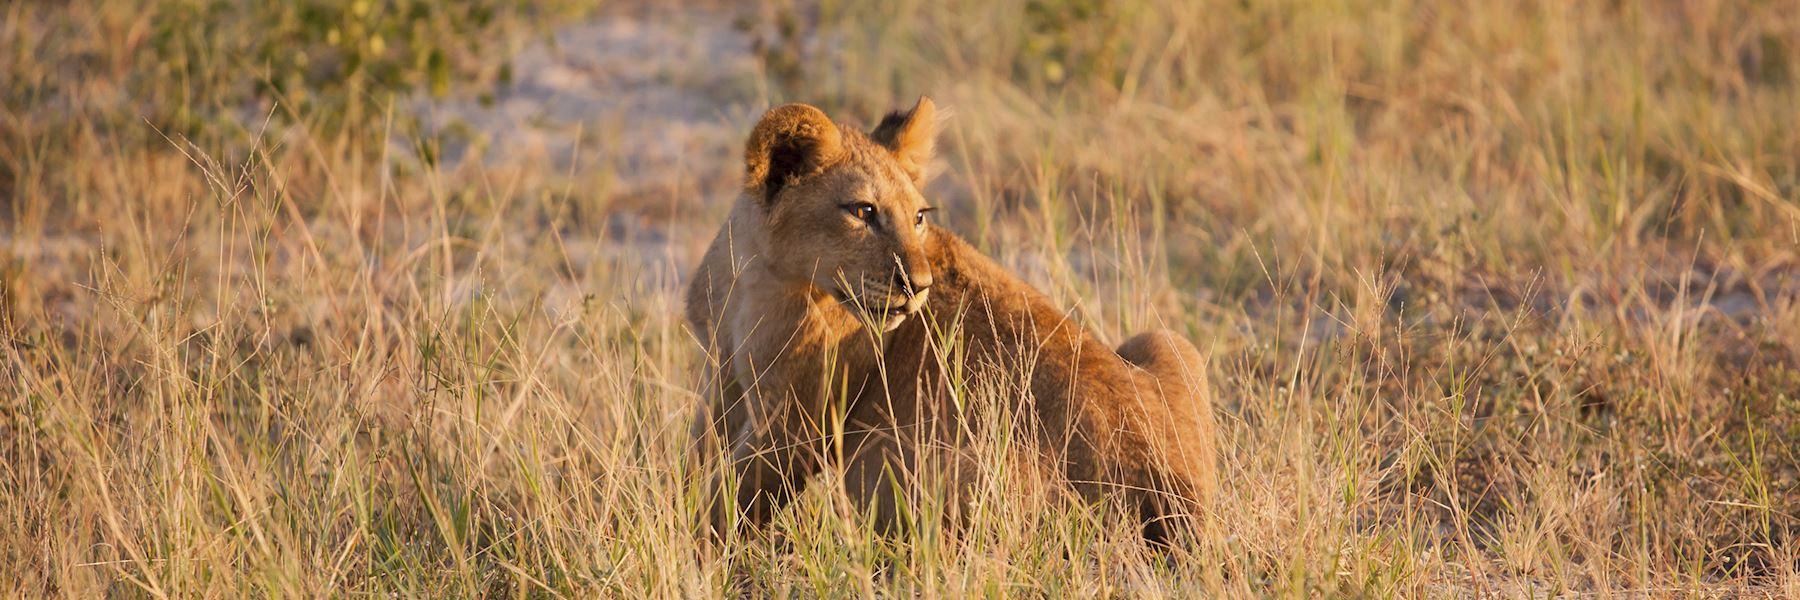 Visit South Luangwa National Park, Zambia